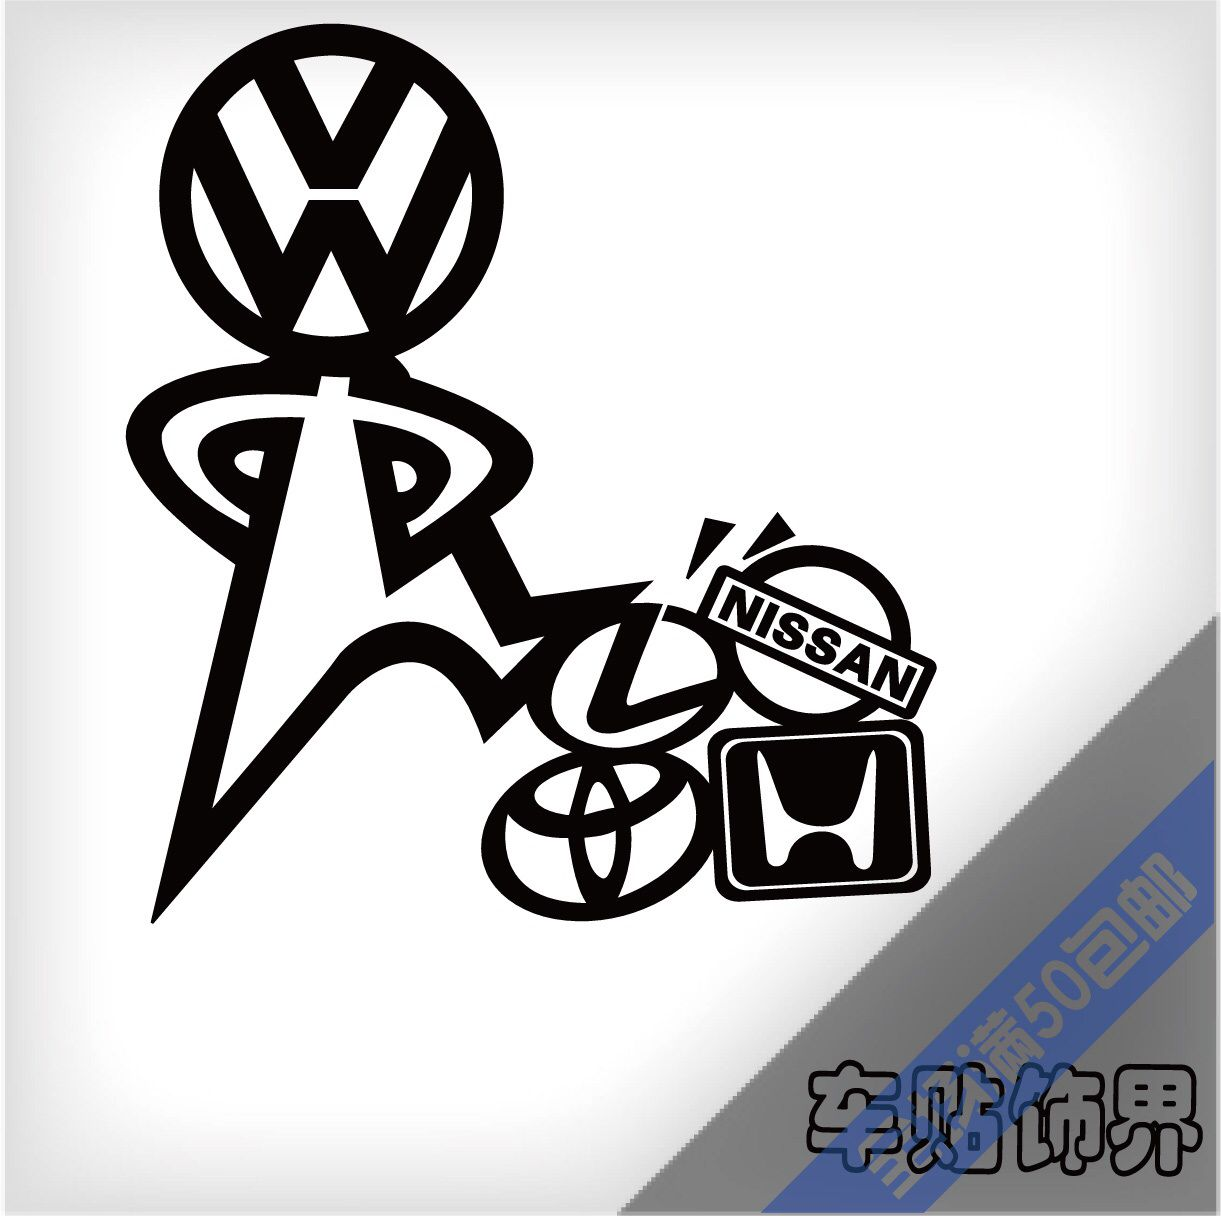 This Is Volkswagen Vw Art Car Brands Logos [ 1216 x 1221 Pixel ]